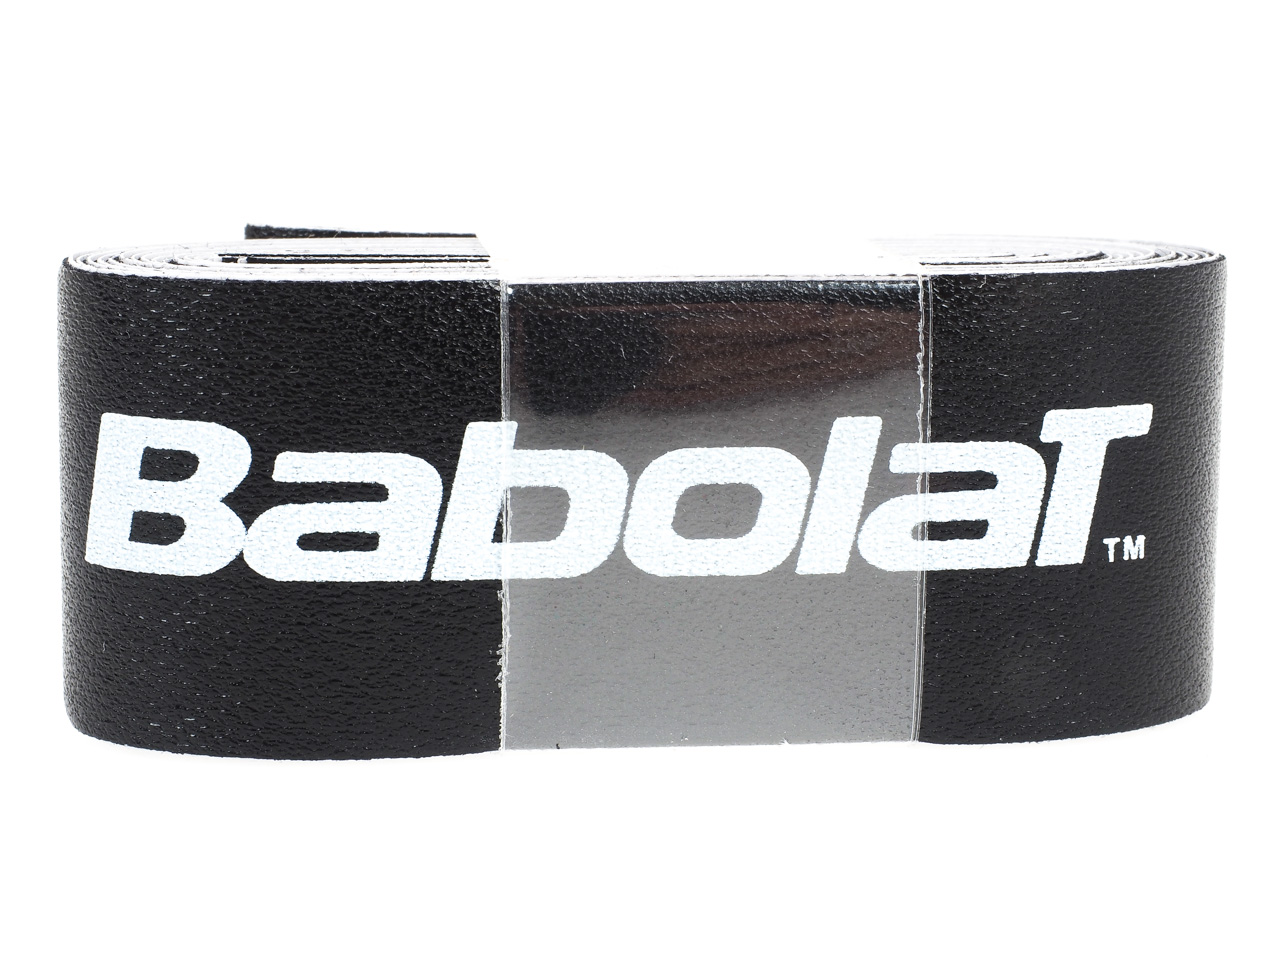 Protection-de-raquette-tennis-Babolat-Super-tape-noir-Noir-14136-Neuf miniature 2